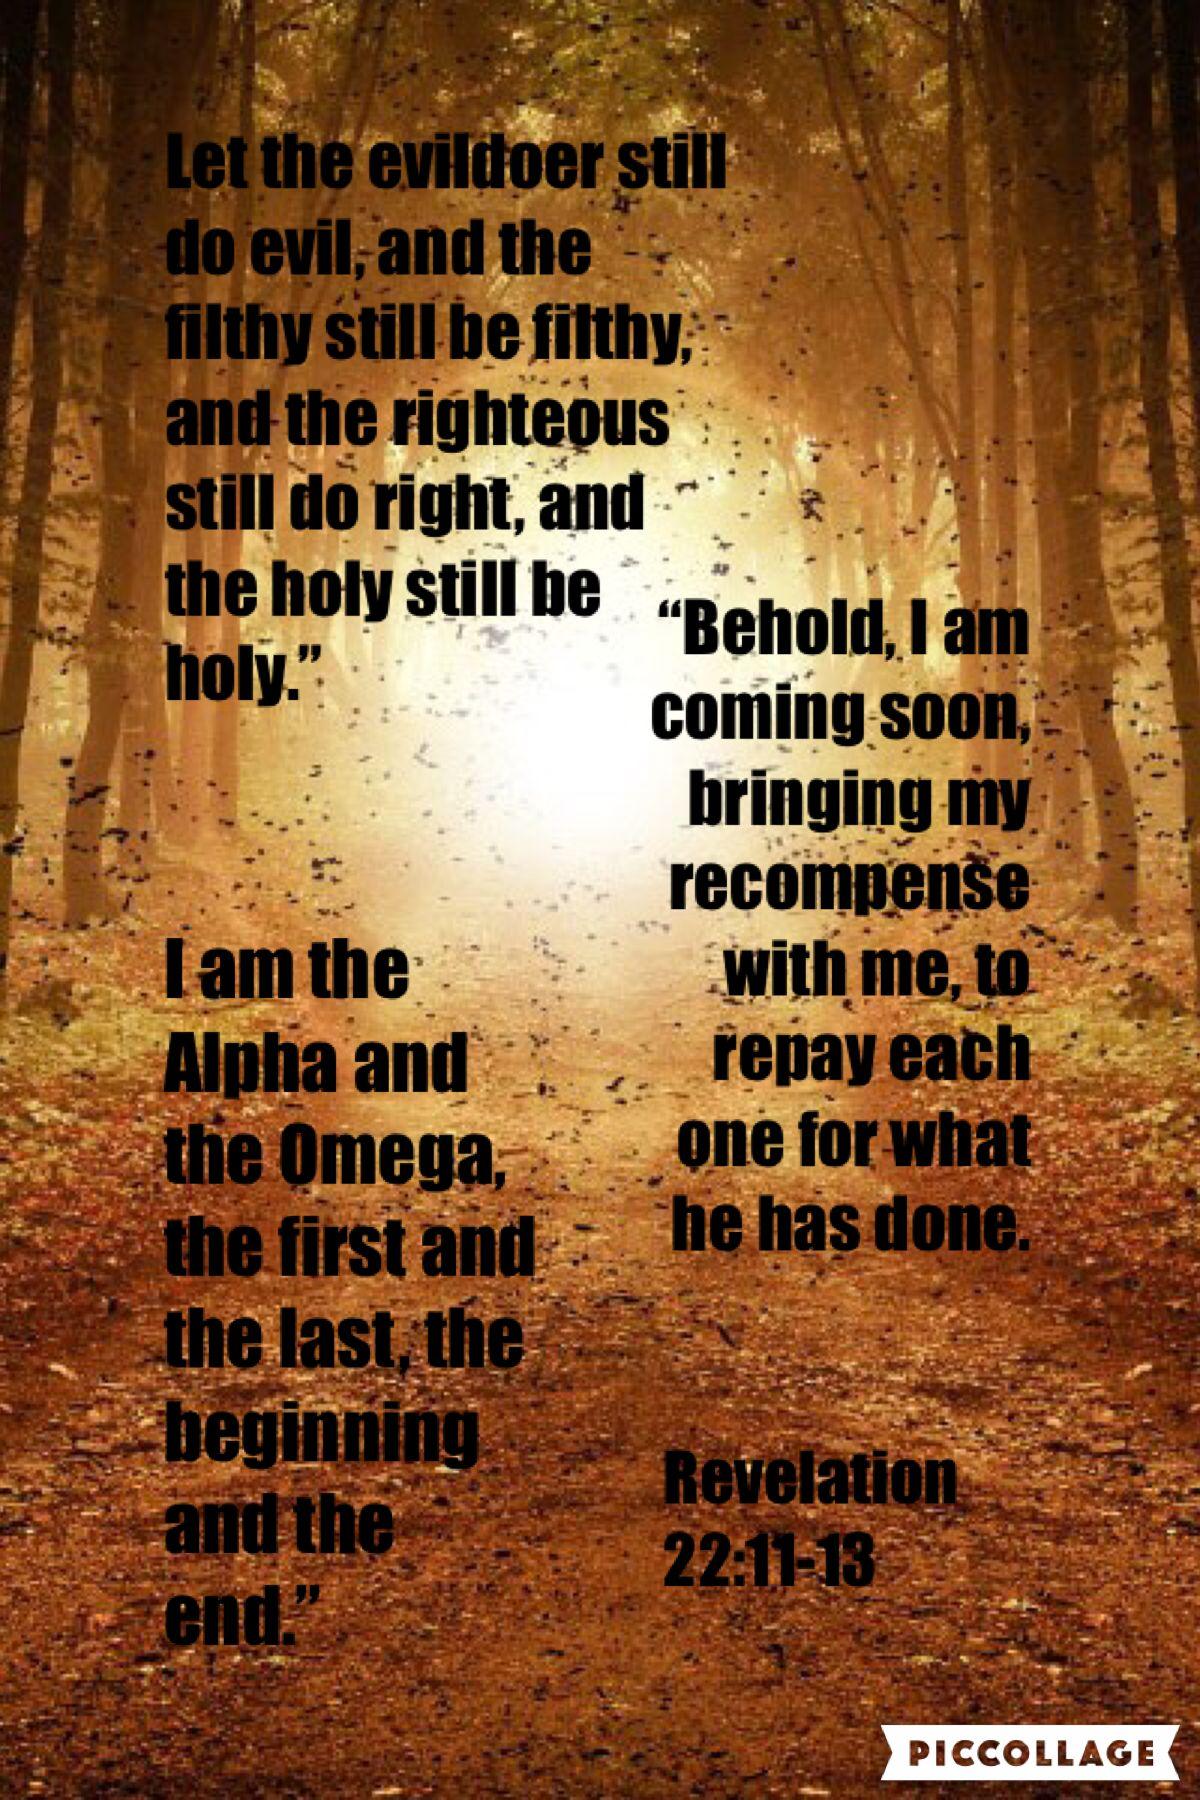 #believe #revelation #breathe #life #godscreation #witness #light #eternal #eternallife